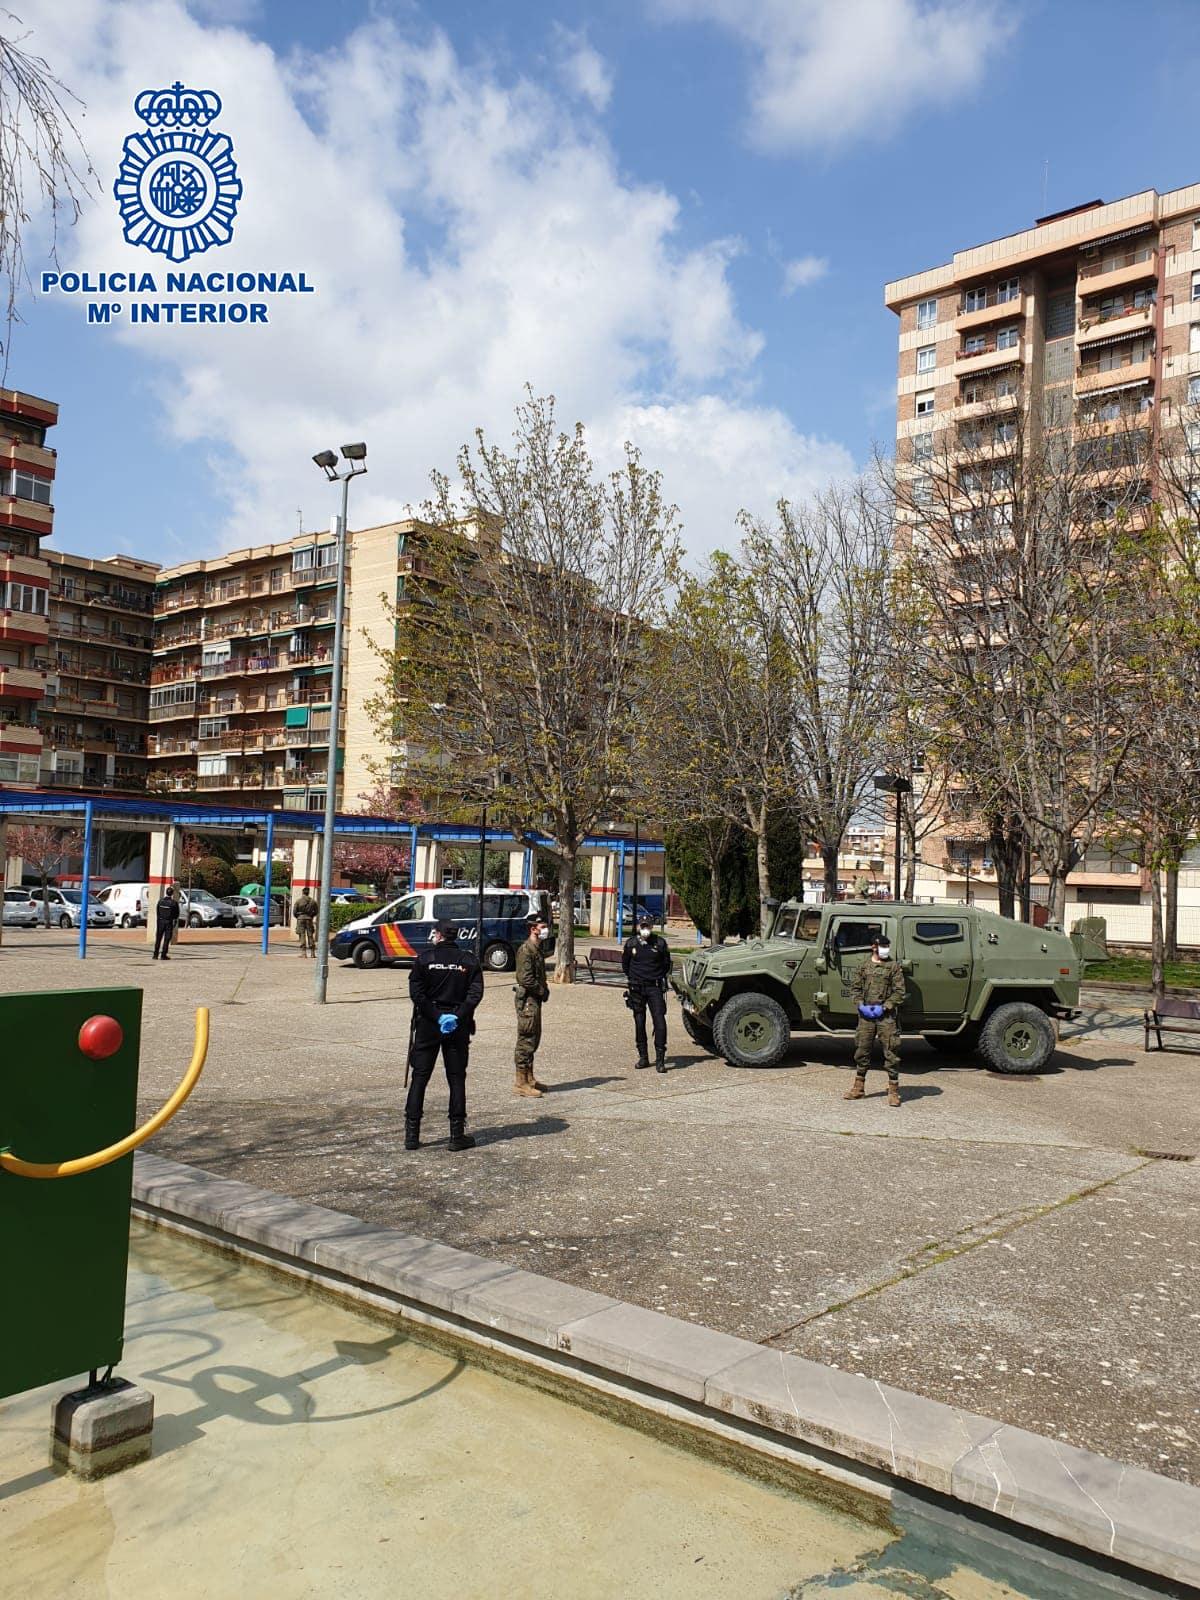 Sancionado un varón en tres ocasiones en menos de 24 horas en Logroño 1